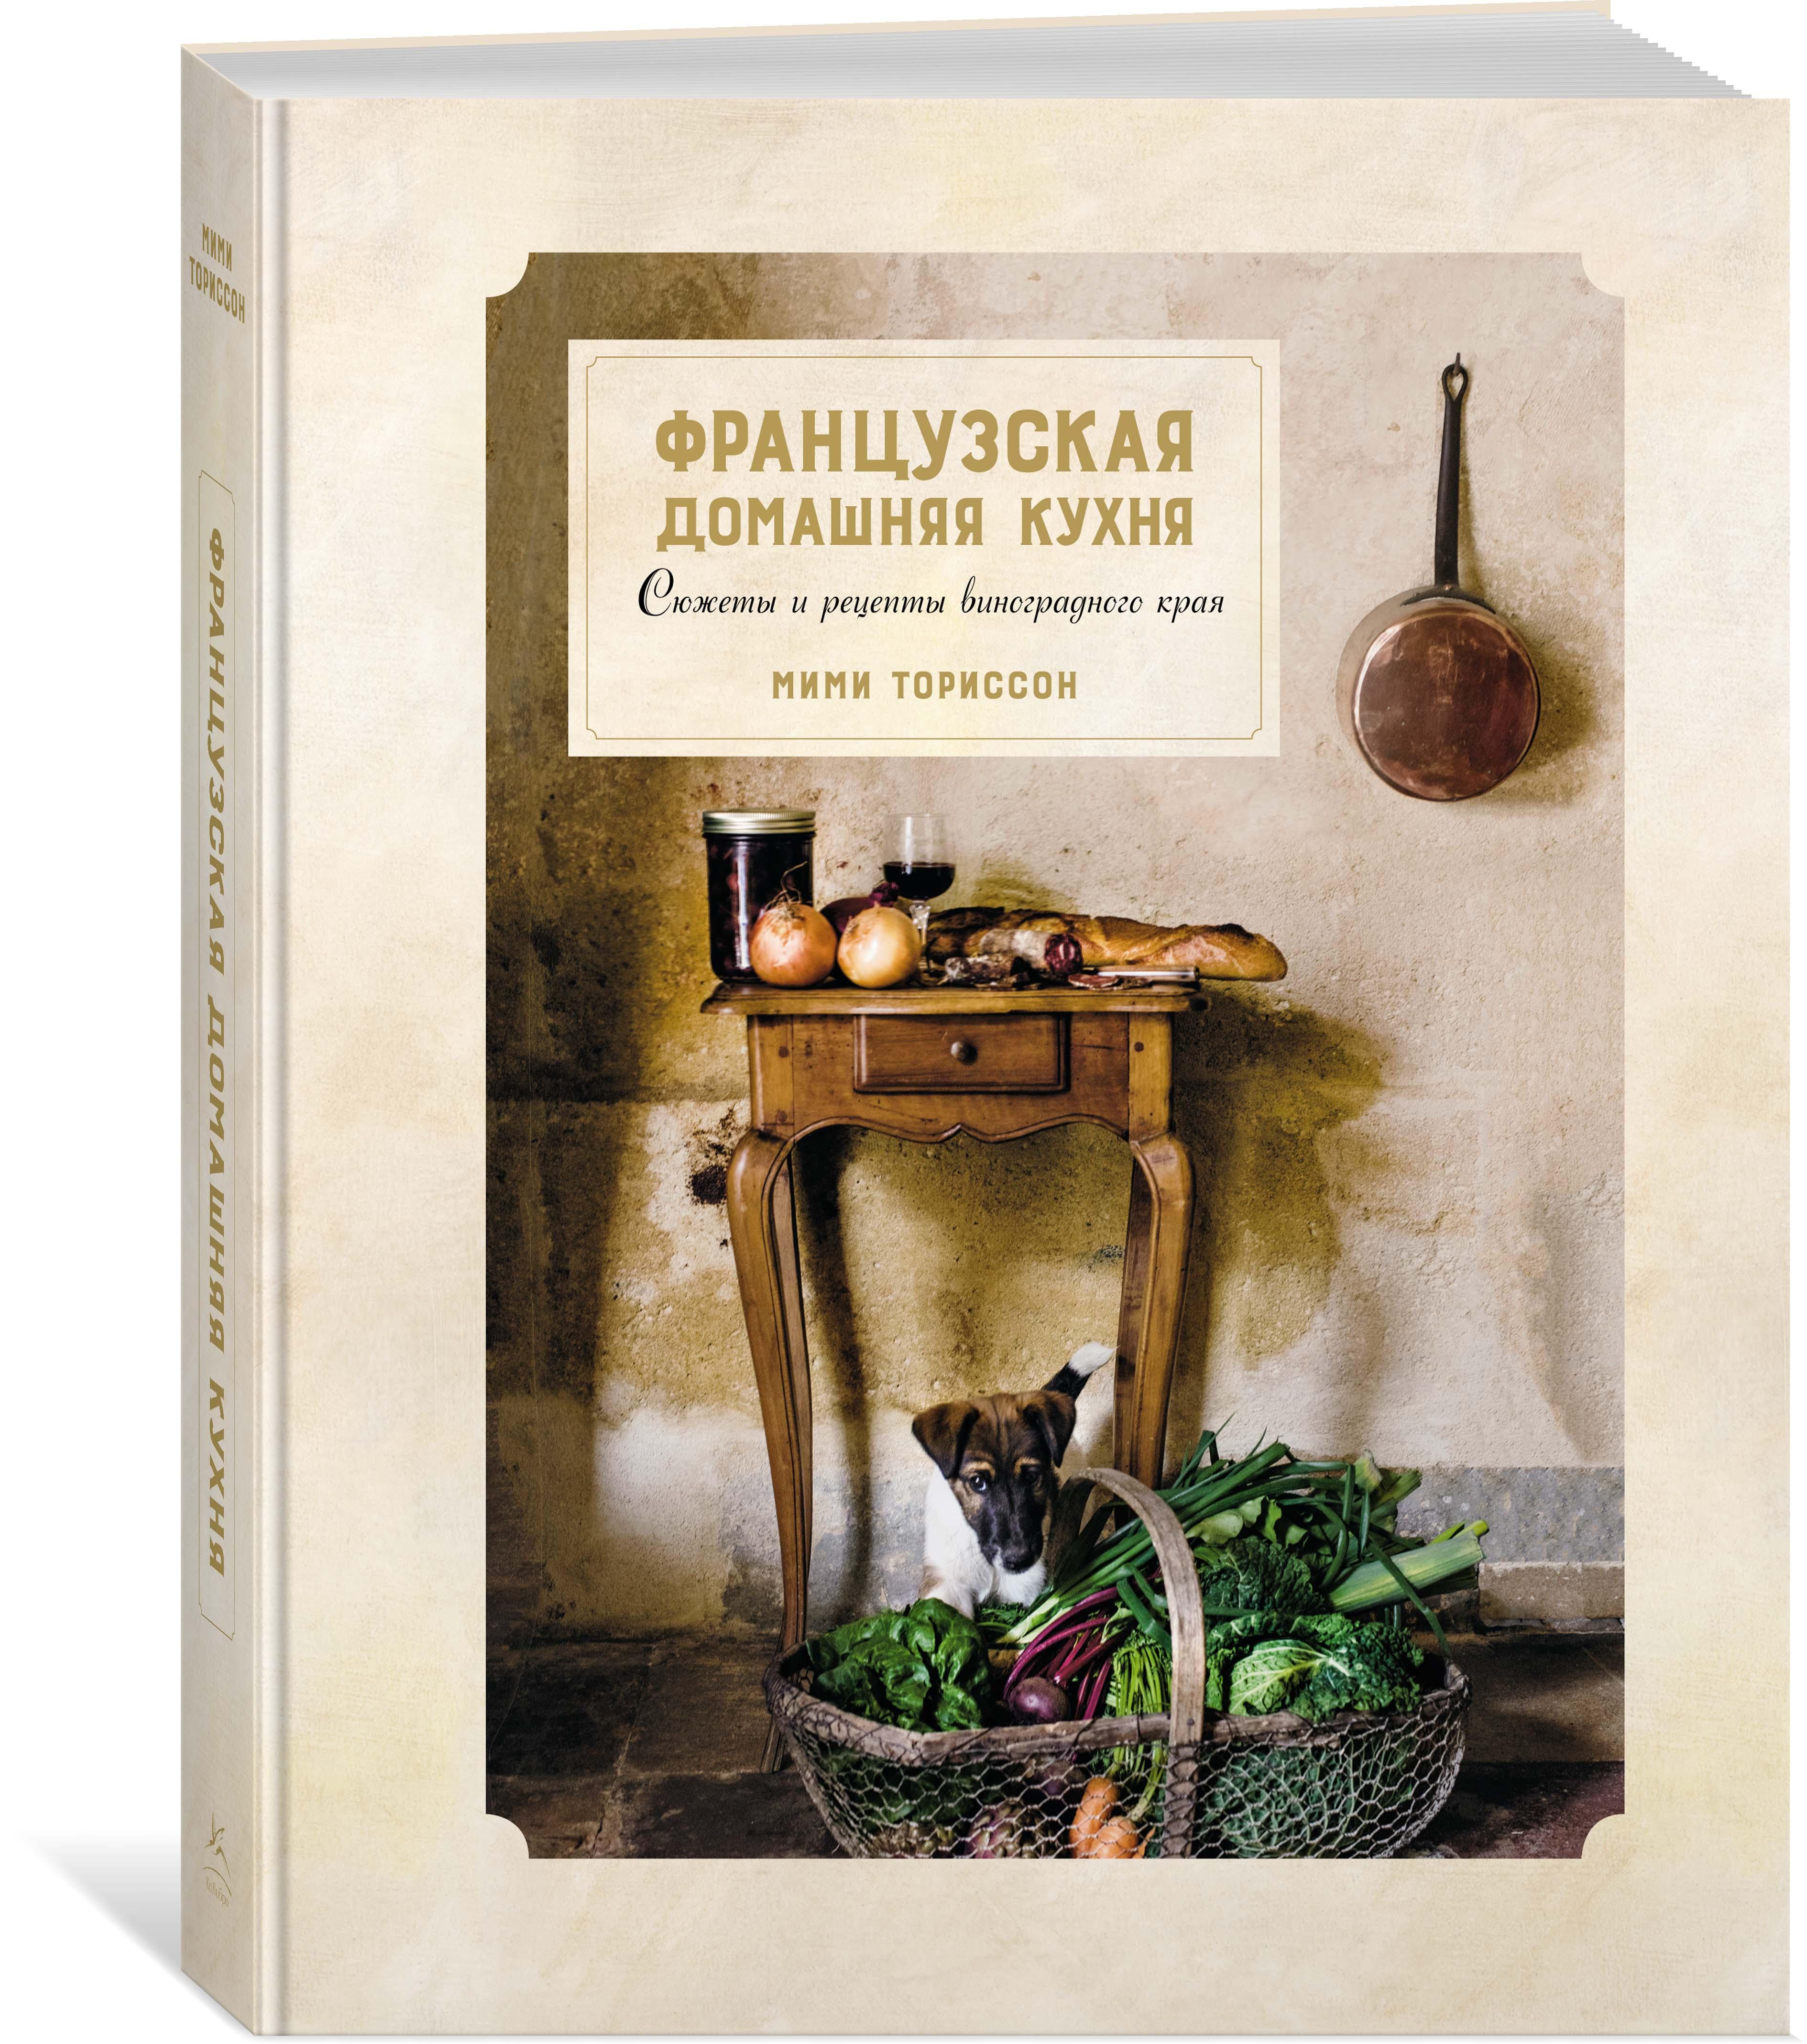 Мими Ториссон Французская домашняя кухня. Сюжеты и рецепты виноградного края мими спенсер быстрая диета 5 2 рецепты к методике